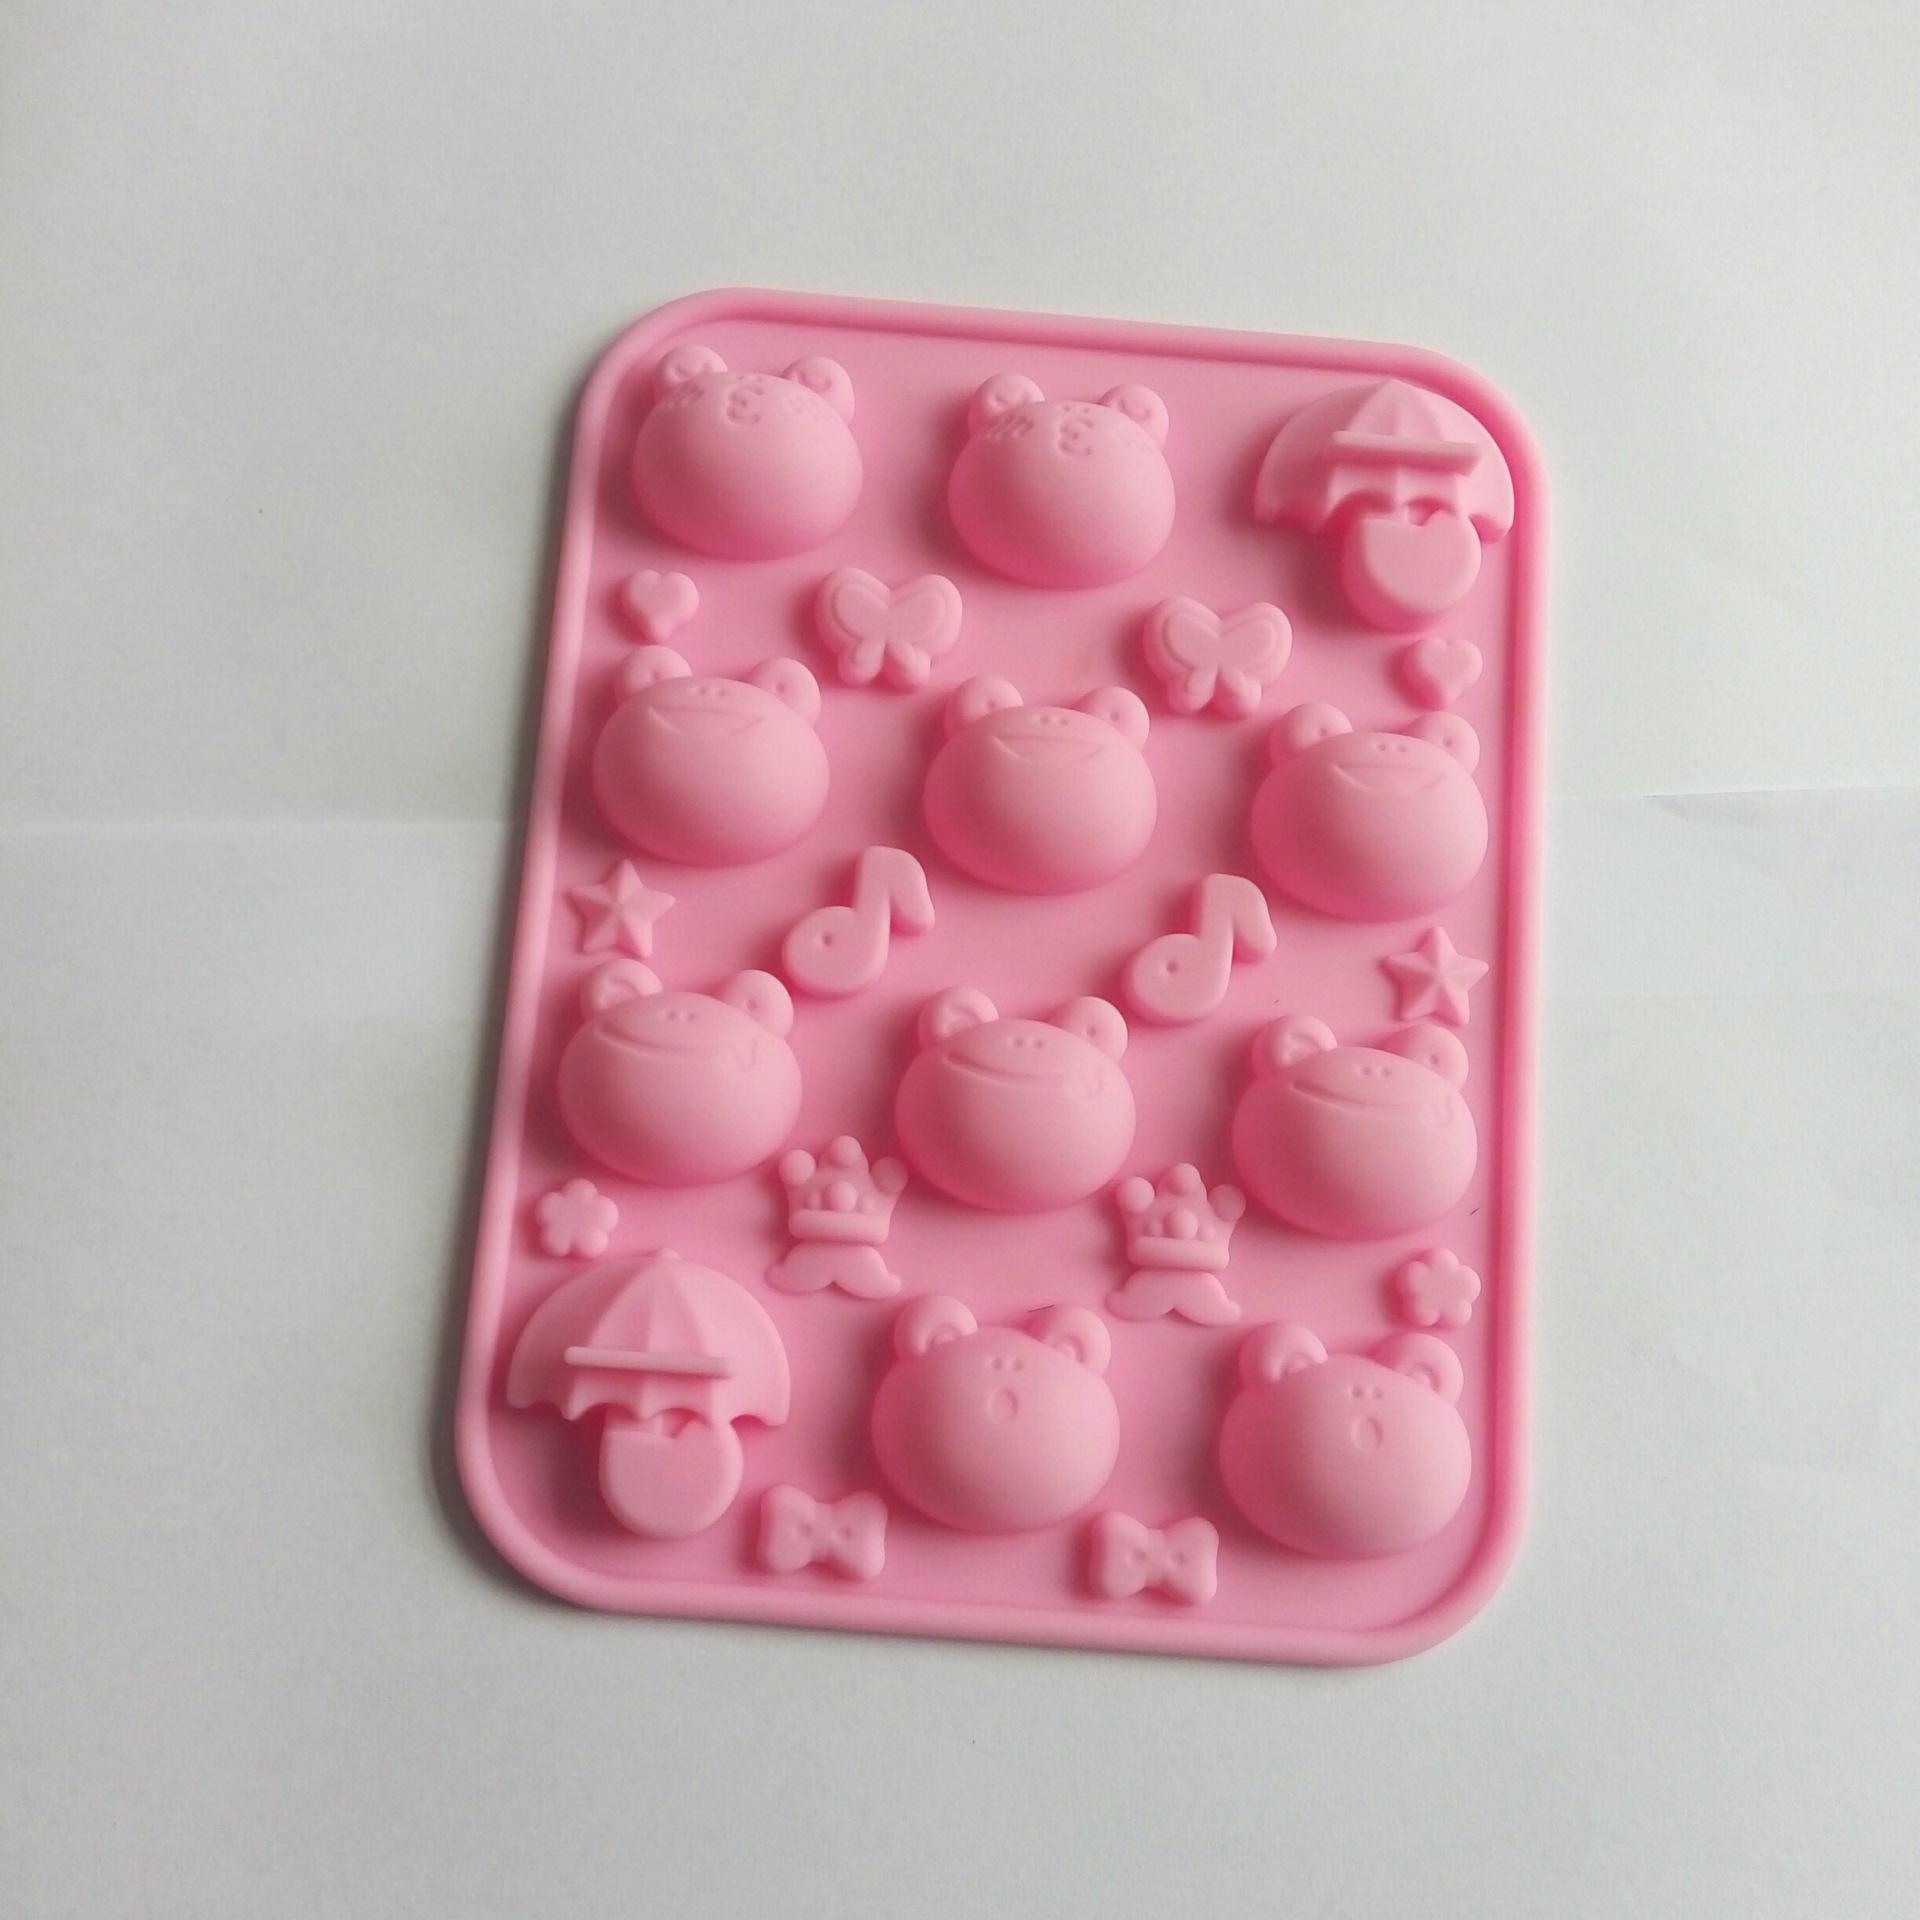 多表情大眼蛙硅胶巧克力模具 卡通可爱眼镜硅胶手工皂模具DIY模具